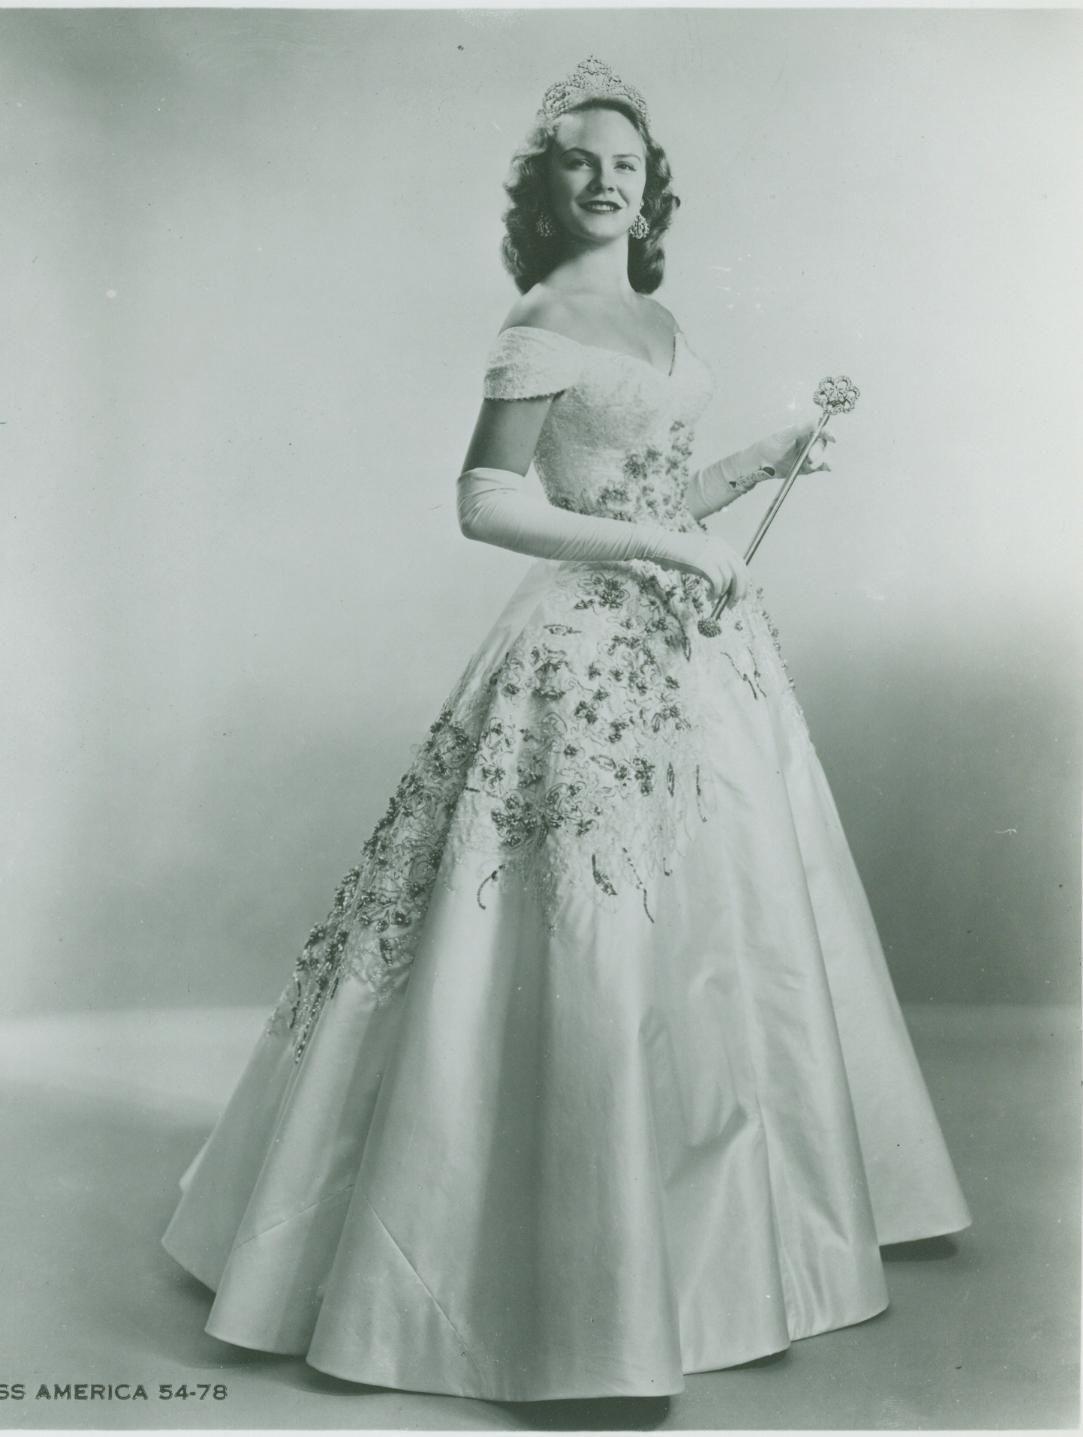 PHOTOS: Former Miss Americas through history   abc13.com